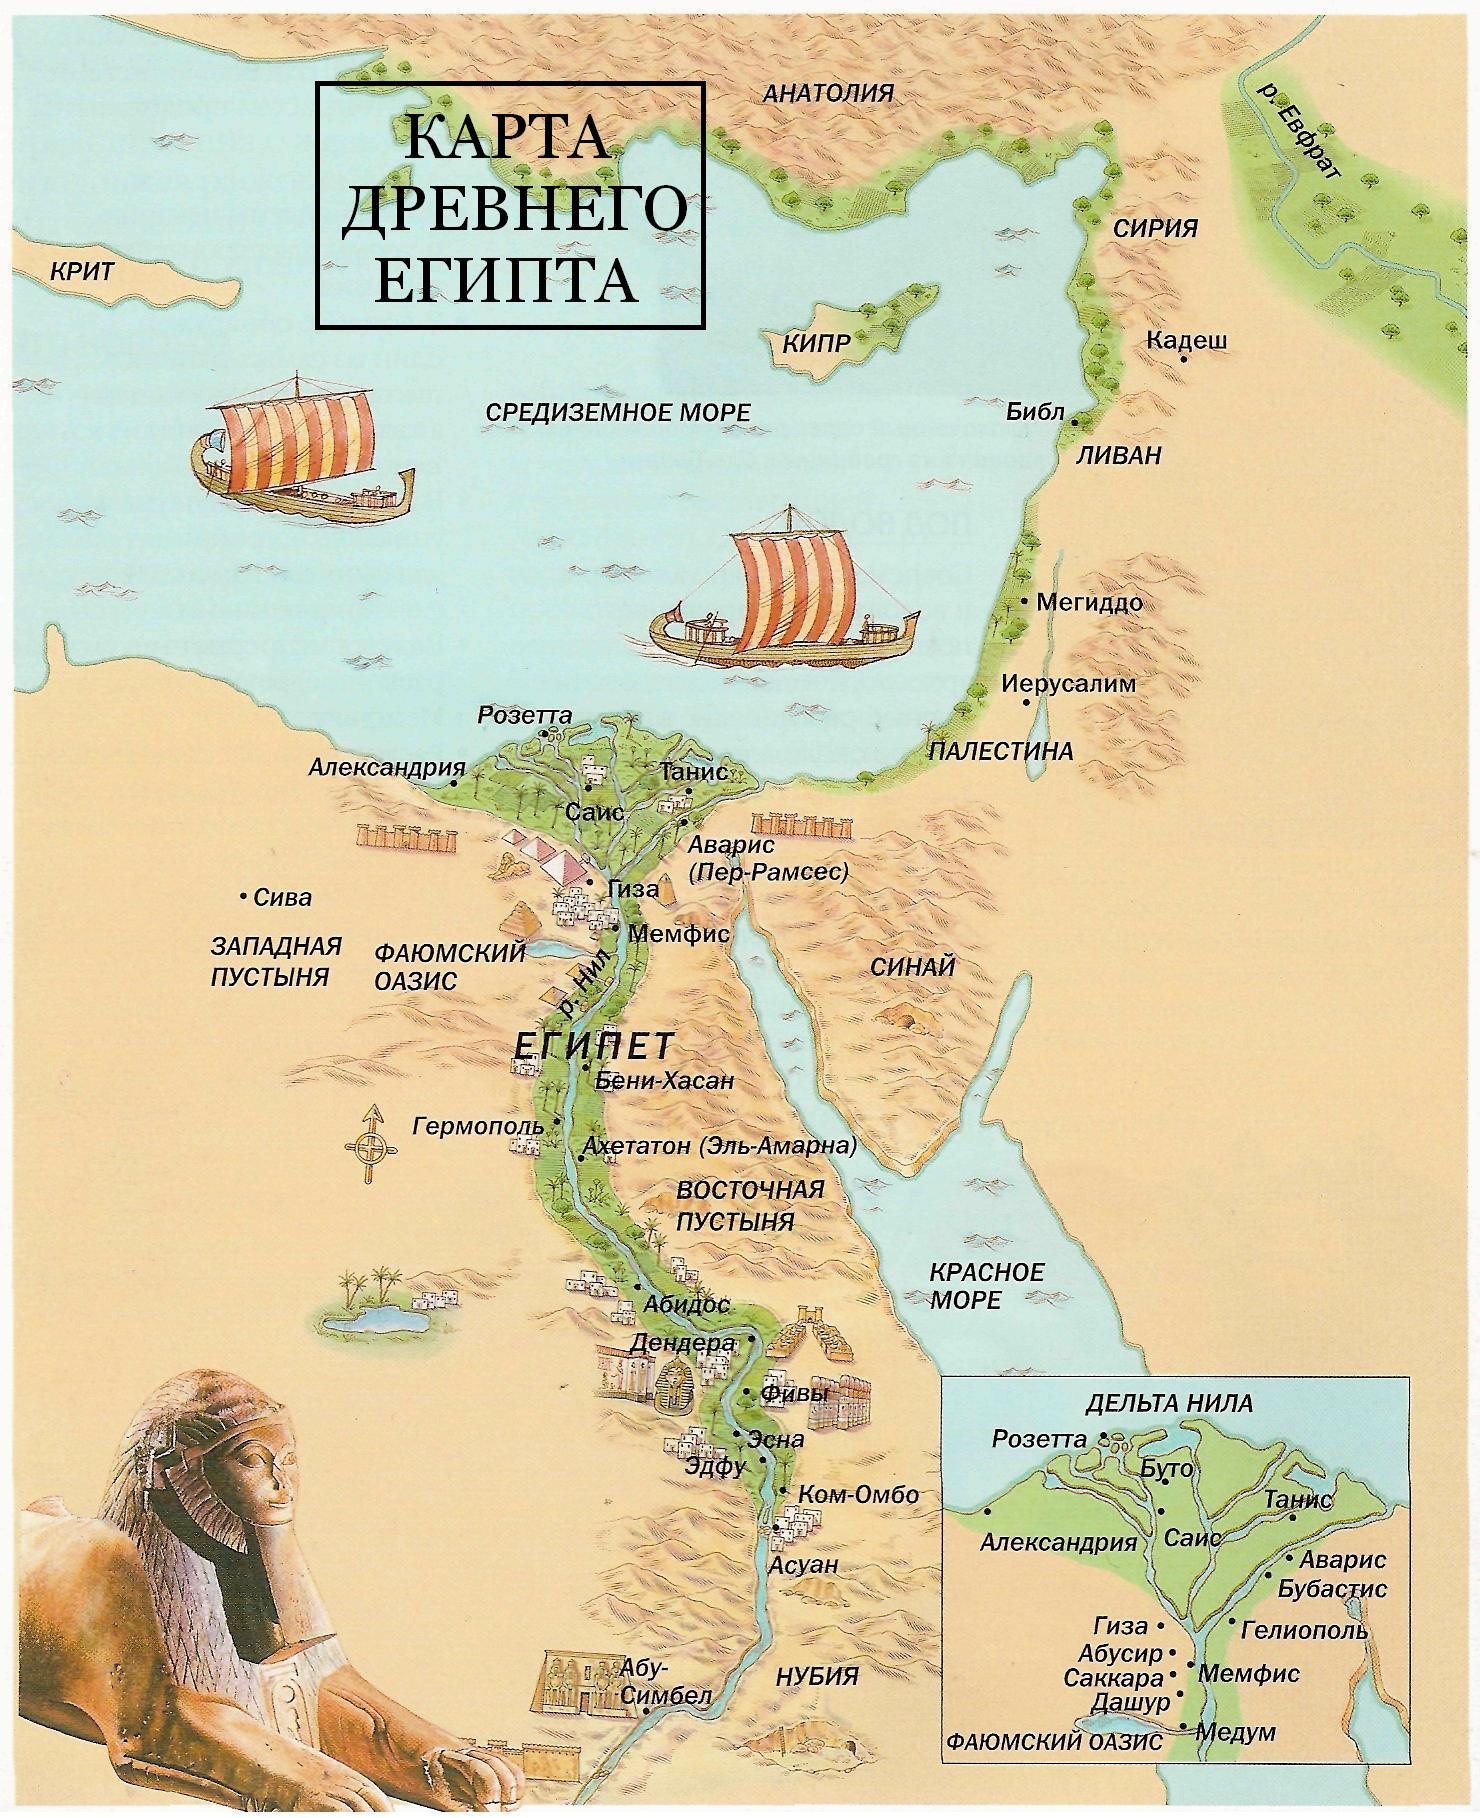 С начала xvi в до конца 30-х гг xvii в армения стала военной ареной в передней азии между сефевидским ираном и